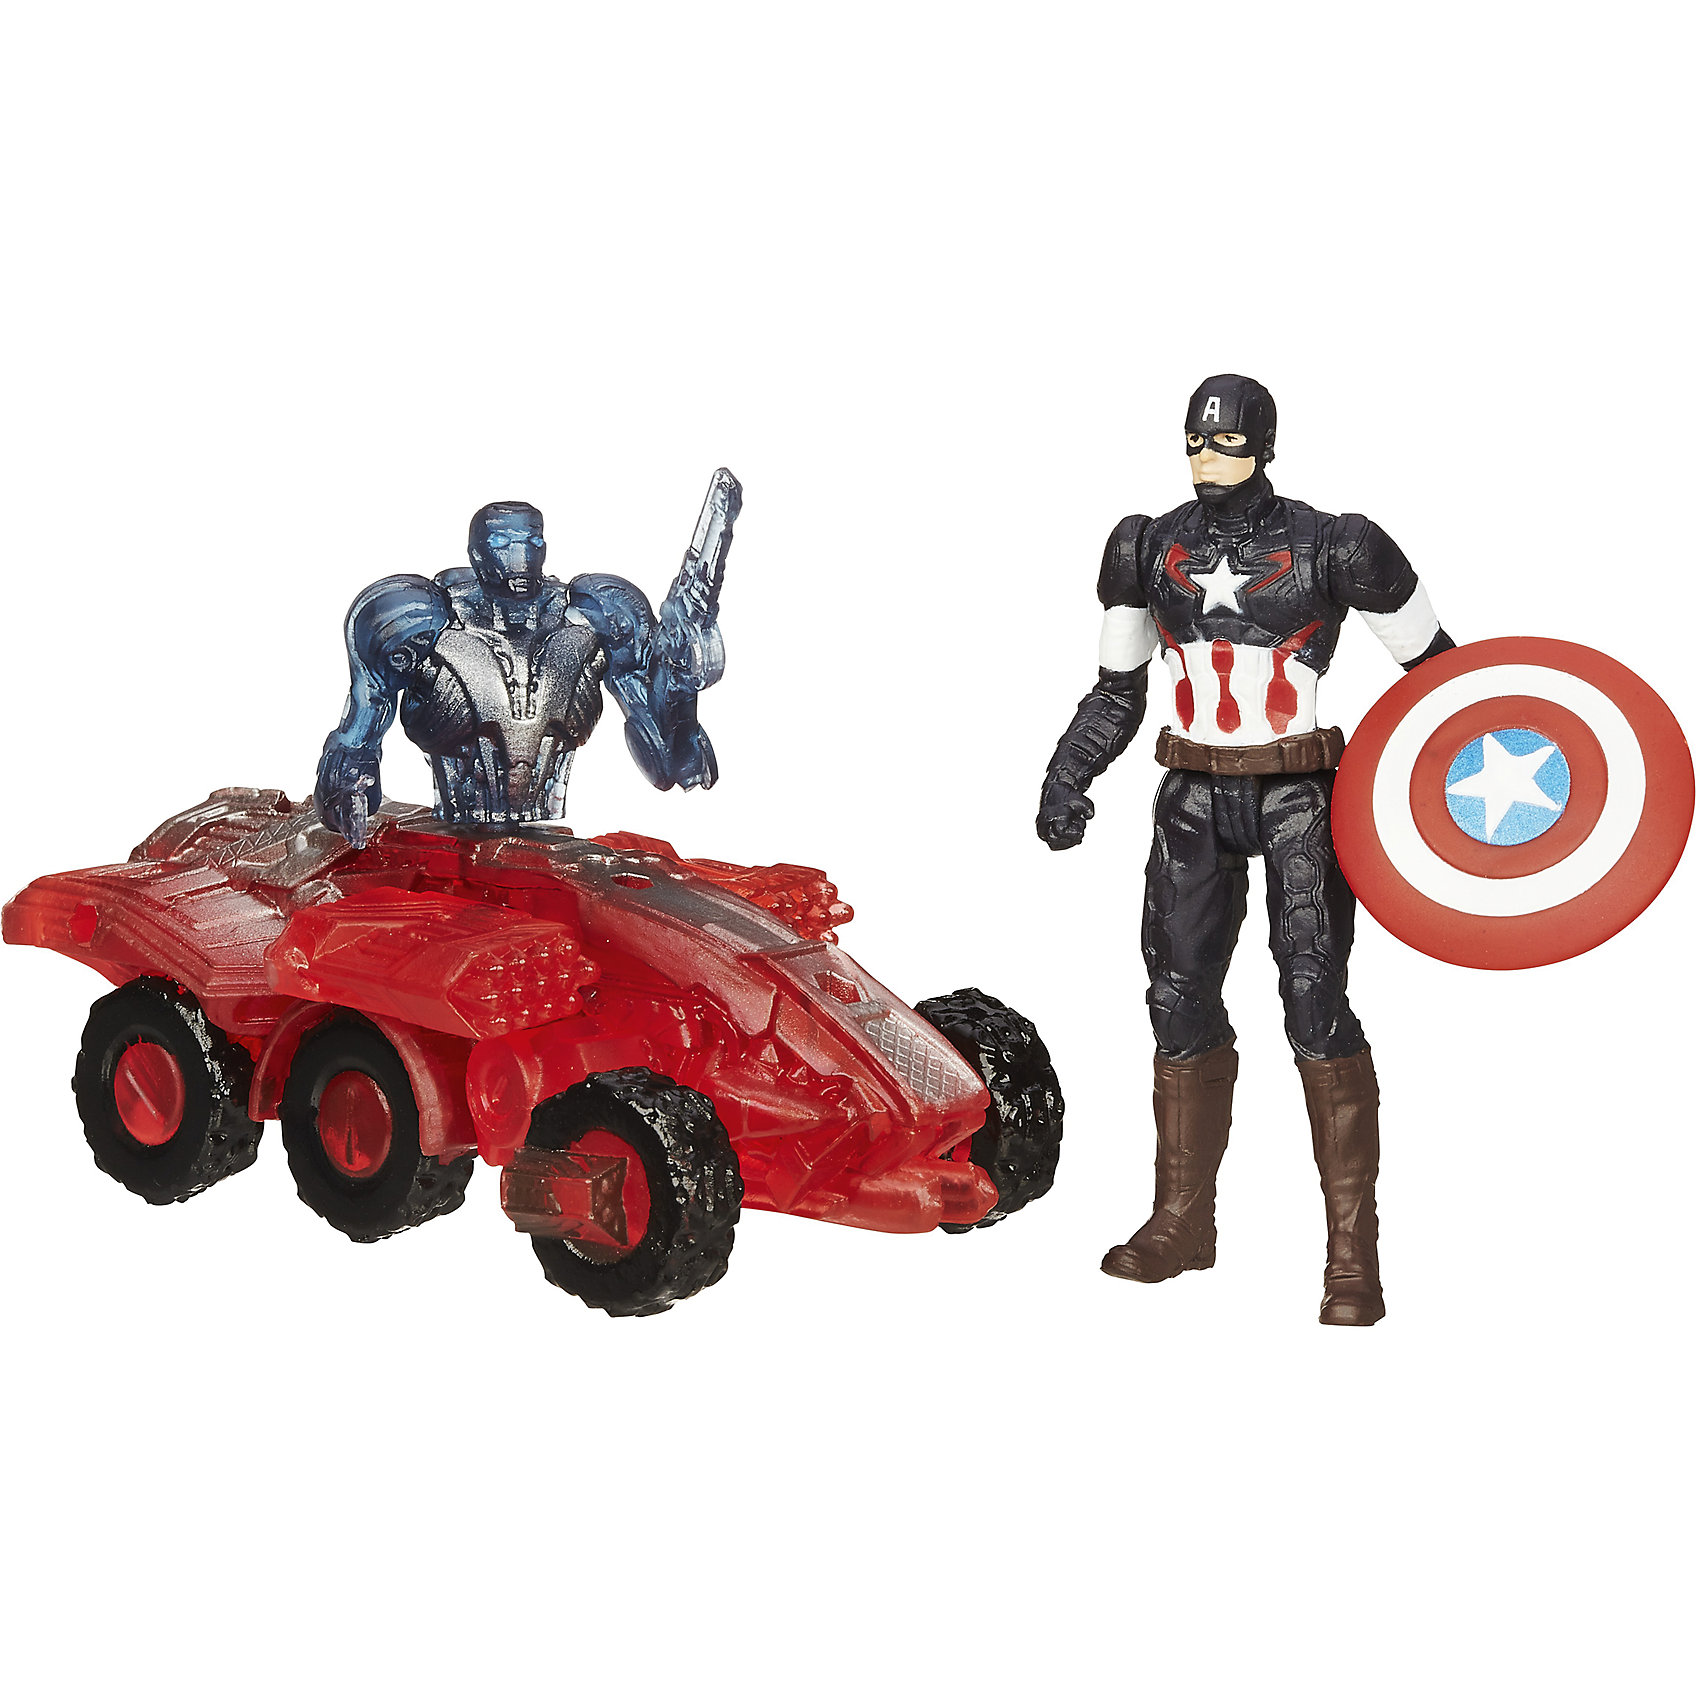 Мини-фигурки Мстителей, Marvel Heroes, B0423/B1483Игрушки<br>Мини-фигурки Мстителей, Marvel Heroes, B0423/B1483.<br><br>Характеристики:<br><br>- В комплекте: фигурка Капитана Америки, разборная фигурка дрона Альтрона 002<br>- Размер фигурки Капитана Америки: 6 см.<br>- Материал: высококачественный пластик<br>- Размер упаковки: 4,4 x16 x 14 см.<br><br>Набор «Мини-фигурки Мстителей, Marvel Heroes» от Hasbro непременно привлечет внимание вашего ребенка и не позволит ему скучать. В наборе имеется качественная фигурка Капитана Америки в новейшем дизайне. Ему противостоит дрон Альтрона под номером 002. Этот устрашающий киборг выглядит как наполовину робот с человеческим торсом, наполовину бронированная машина с пушками. Фигурки подвижные. Они имеют по 5 точек артикуляции. Фигурку дрона можно разобрать по частям. Набор приурочен к фильму «Эра Альтрона», в котором рассказывается о новейших приключениях «Мстителей» и их борьбе против коварного искусственного интеллекта Альтрона.<br><br>Мини-фигурки Мстителей, Marvel Heroes, B0423/B1483 можно купить в нашем интернет-магазине.<br><br>Ширина мм: 159<br>Глубина мм: 44<br>Высота мм: 140<br>Вес г: 979<br>Возраст от месяцев: 48<br>Возраст до месяцев: 144<br>Пол: Мужской<br>Возраст: Детский<br>SKU: 4833570